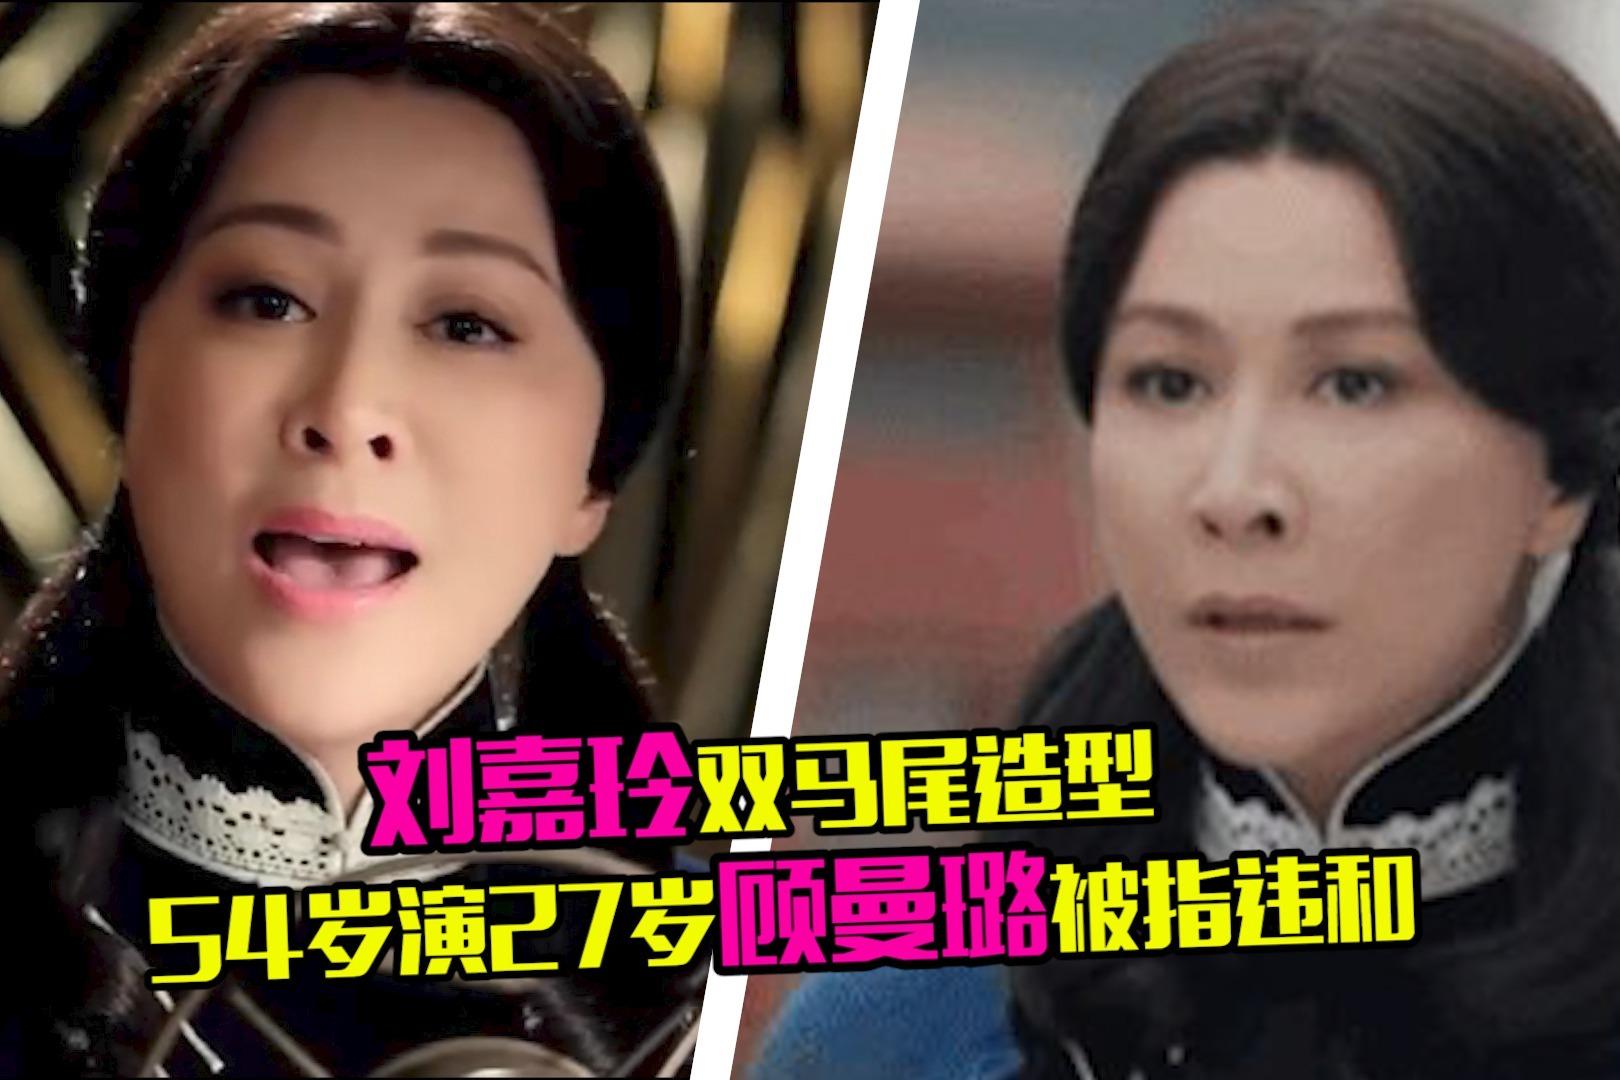 54岁刘嘉玲演27岁顾曼璐,双马尾造型曝光,太违和!